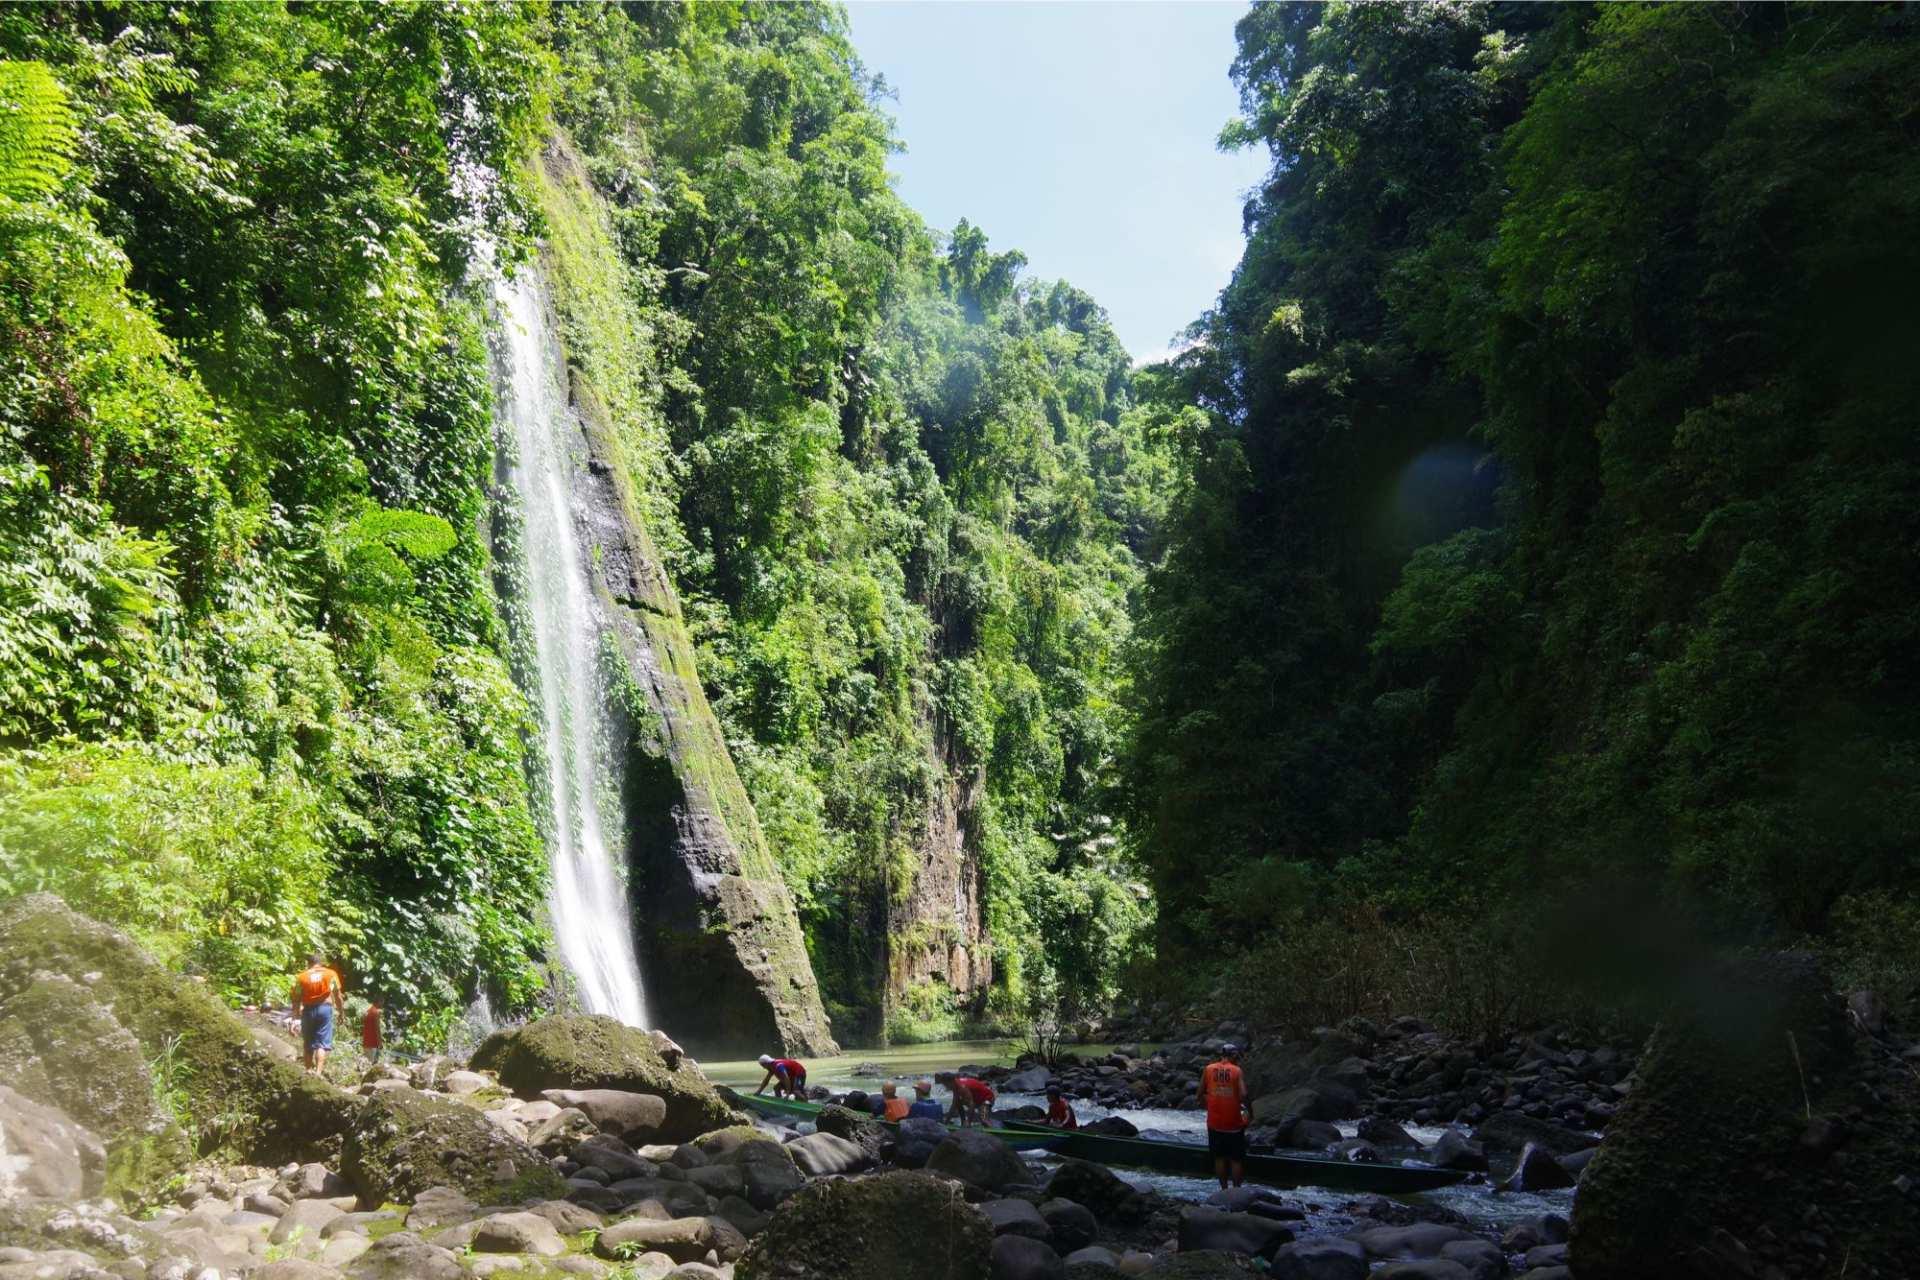 【探索馬尼拉郊區秘境】百勝灘瀑布拼團一日遊 Pagsanjan Falls